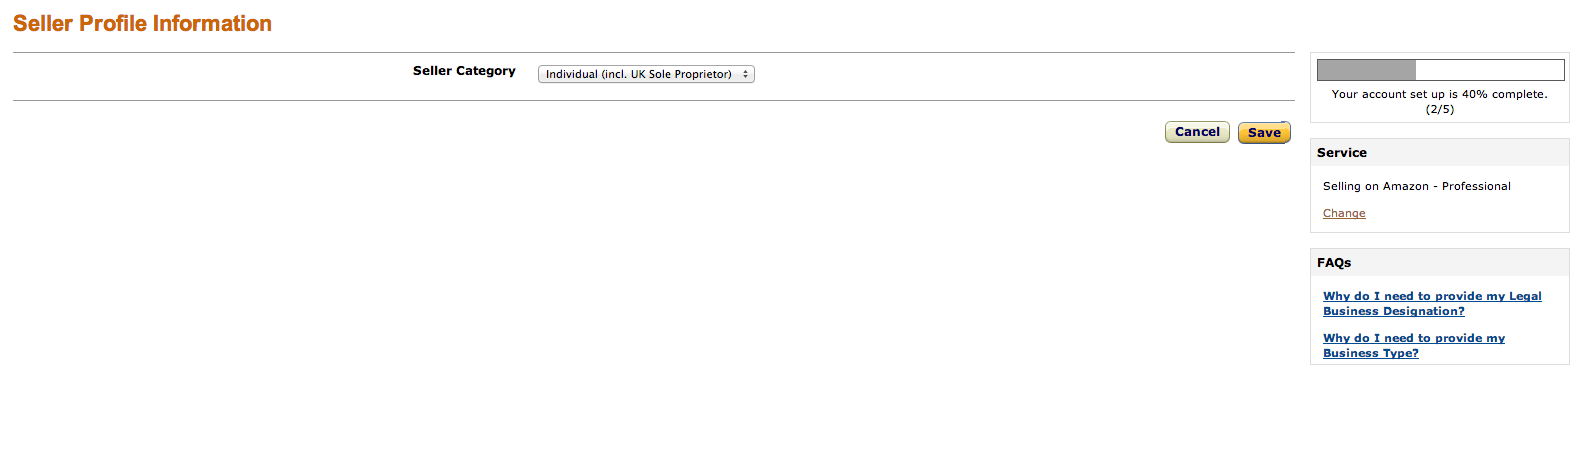 スクリーンショット 2013-12-18 15.41.58